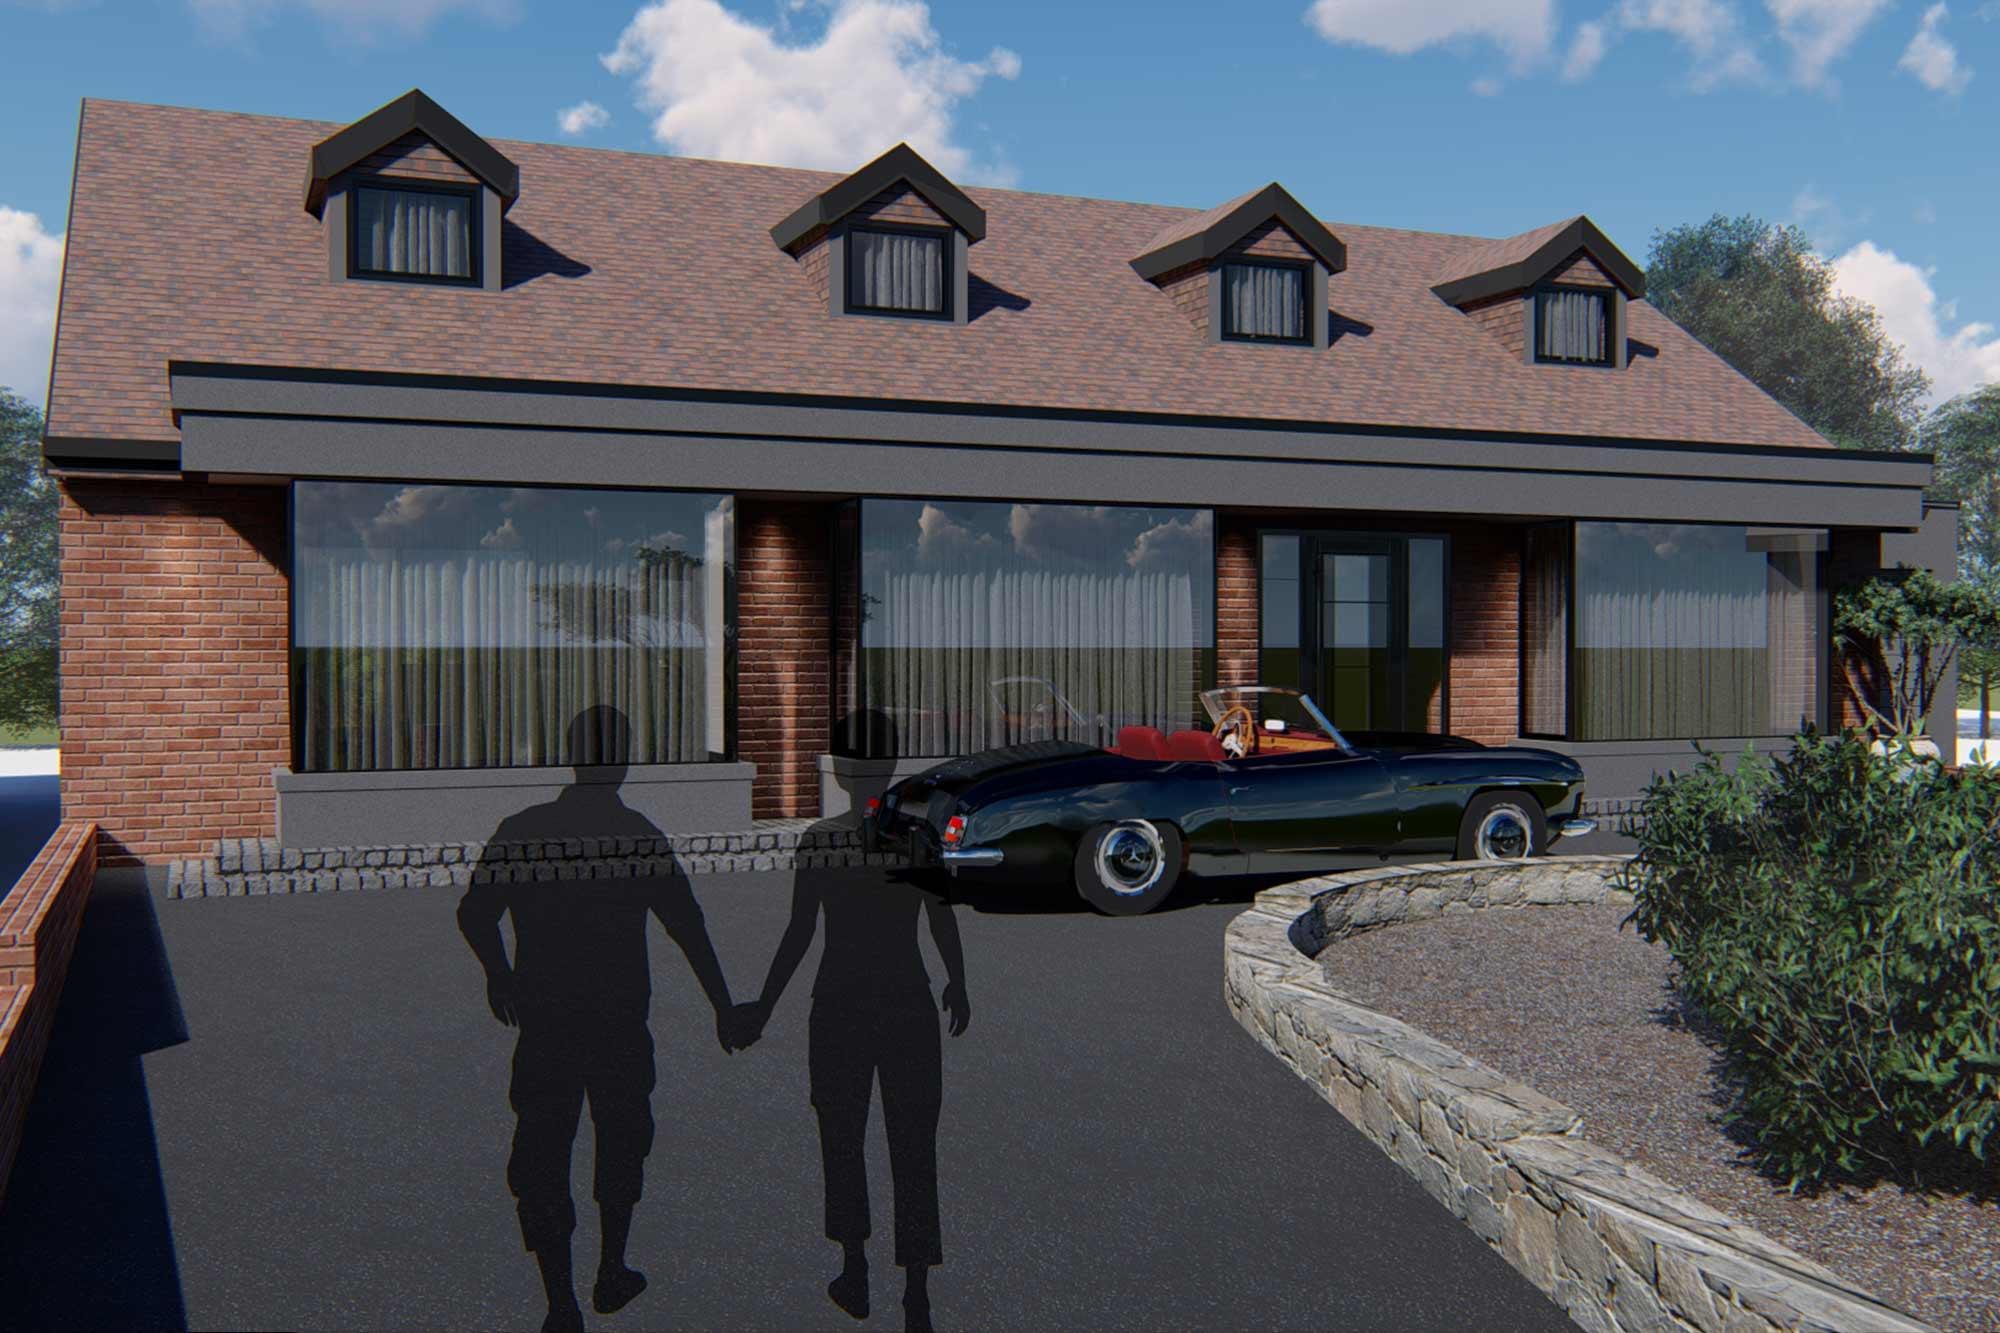 Bungalow contemporary front elevation facelift architectural design in Poulton-le-Fylde, Lancashire